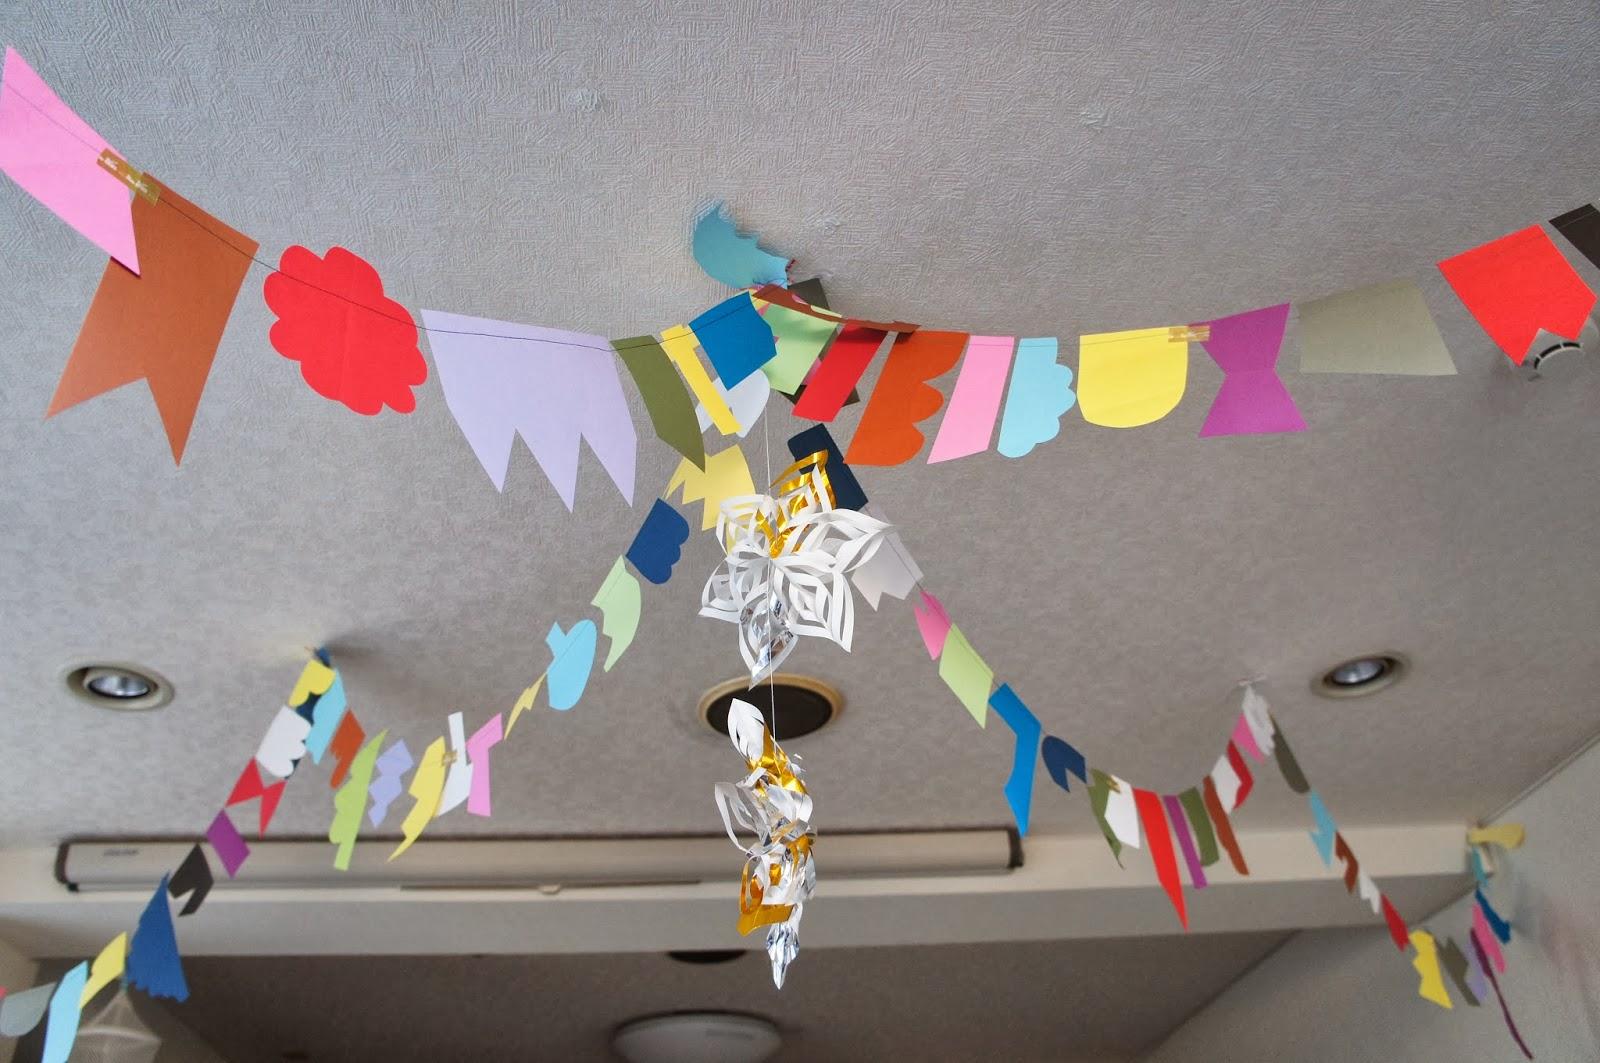 すべての折り紙 折り紙 飾り付け : クリスマスの飾り付け : ホーム ...